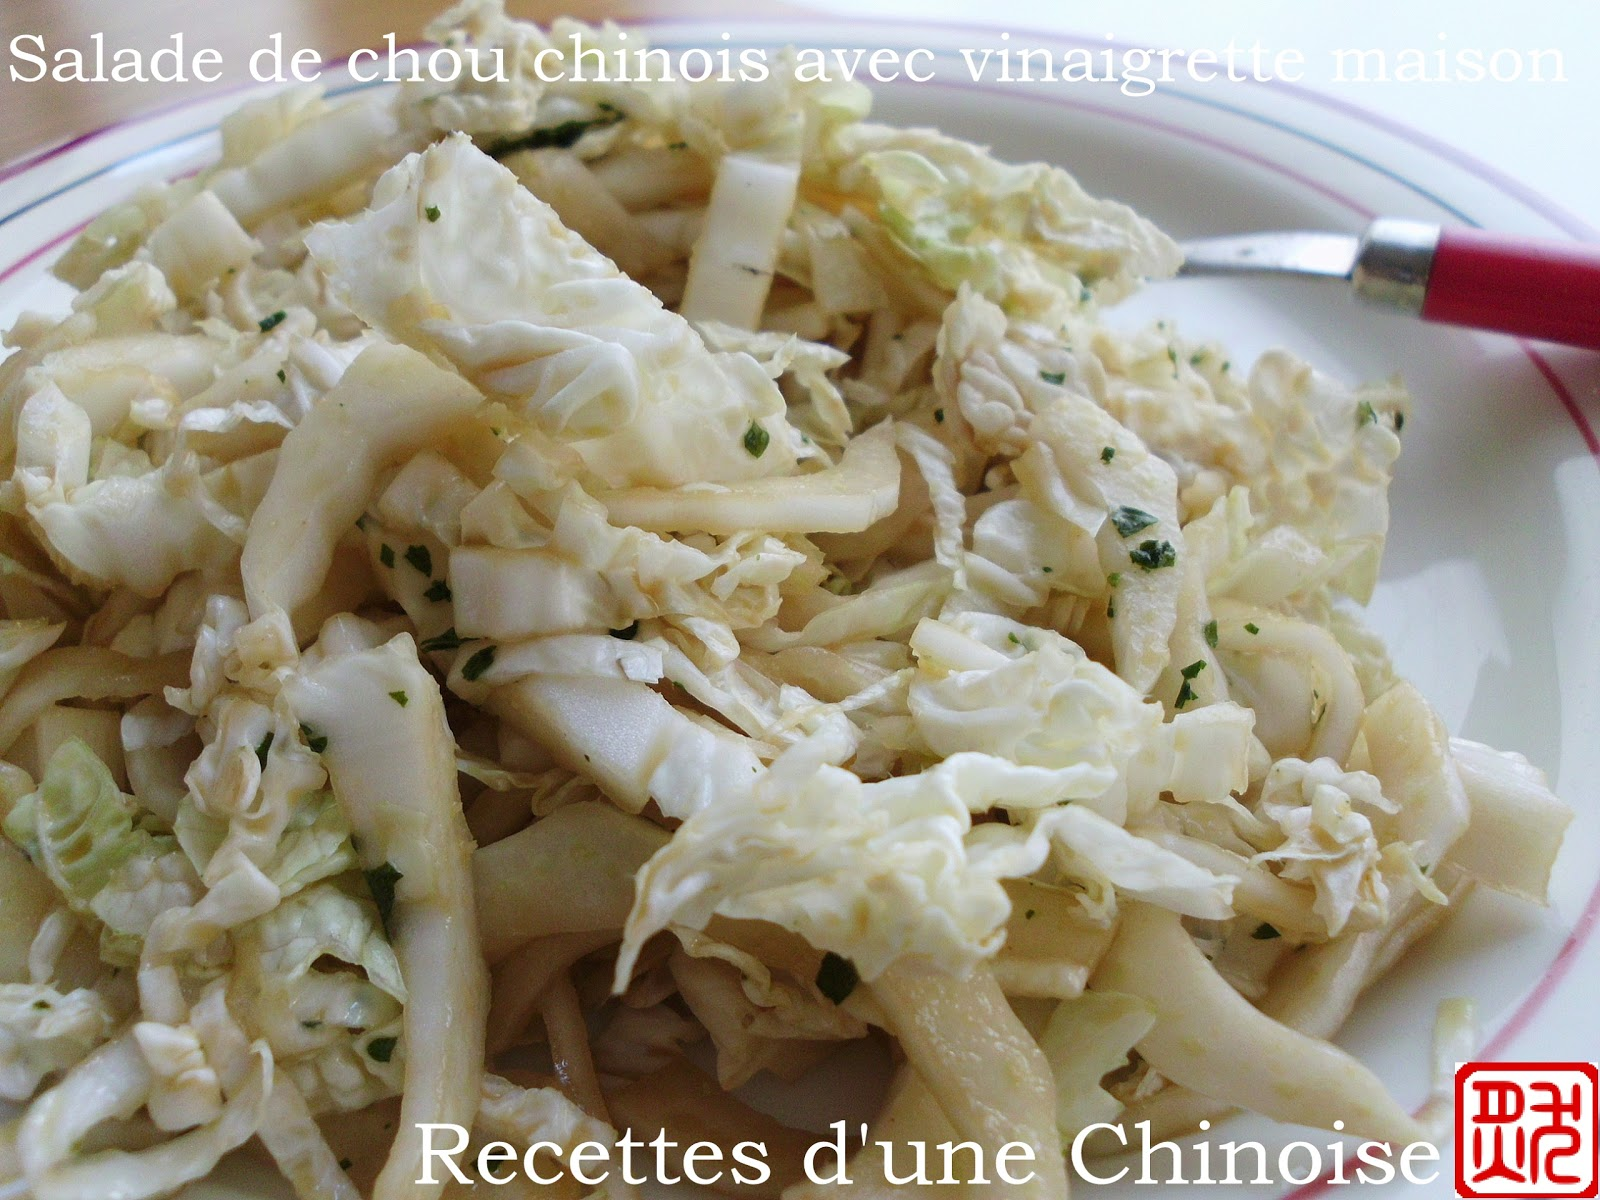 recettes d 39 une chinoise salade de chou chinois p tsa avec la vinaigrette maison. Black Bedroom Furniture Sets. Home Design Ideas